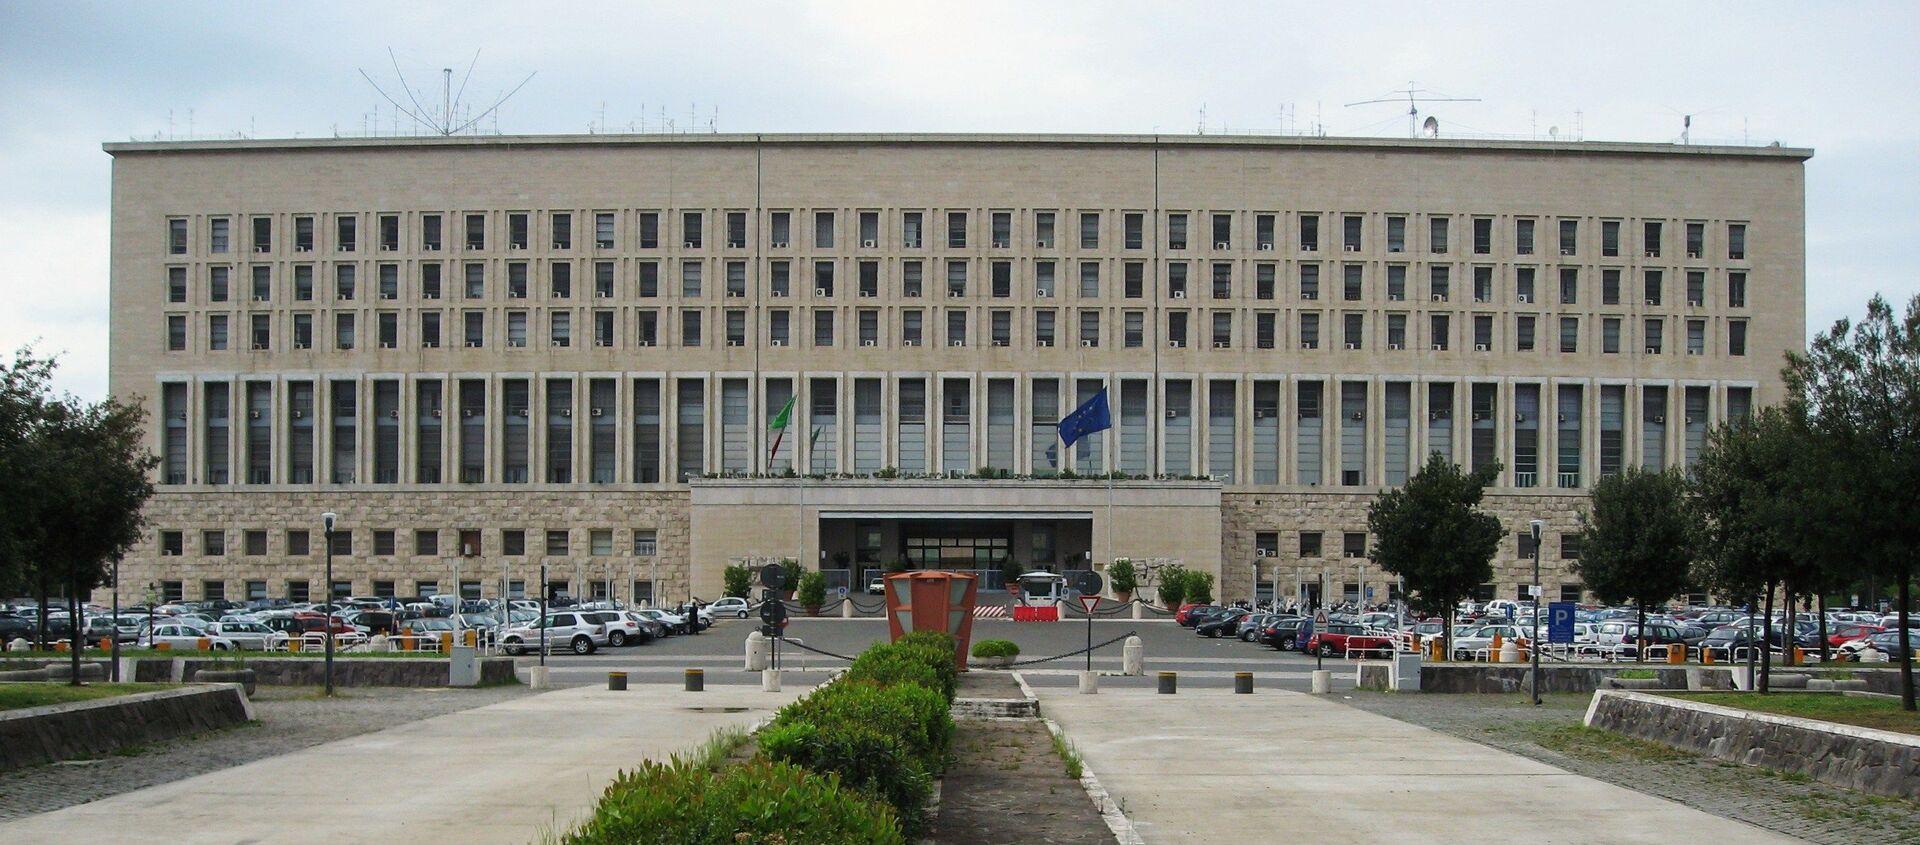 Ministero degli affari esteri e della cooperazione internazionale - Sputnik Italia, 1920, 10.10.2020